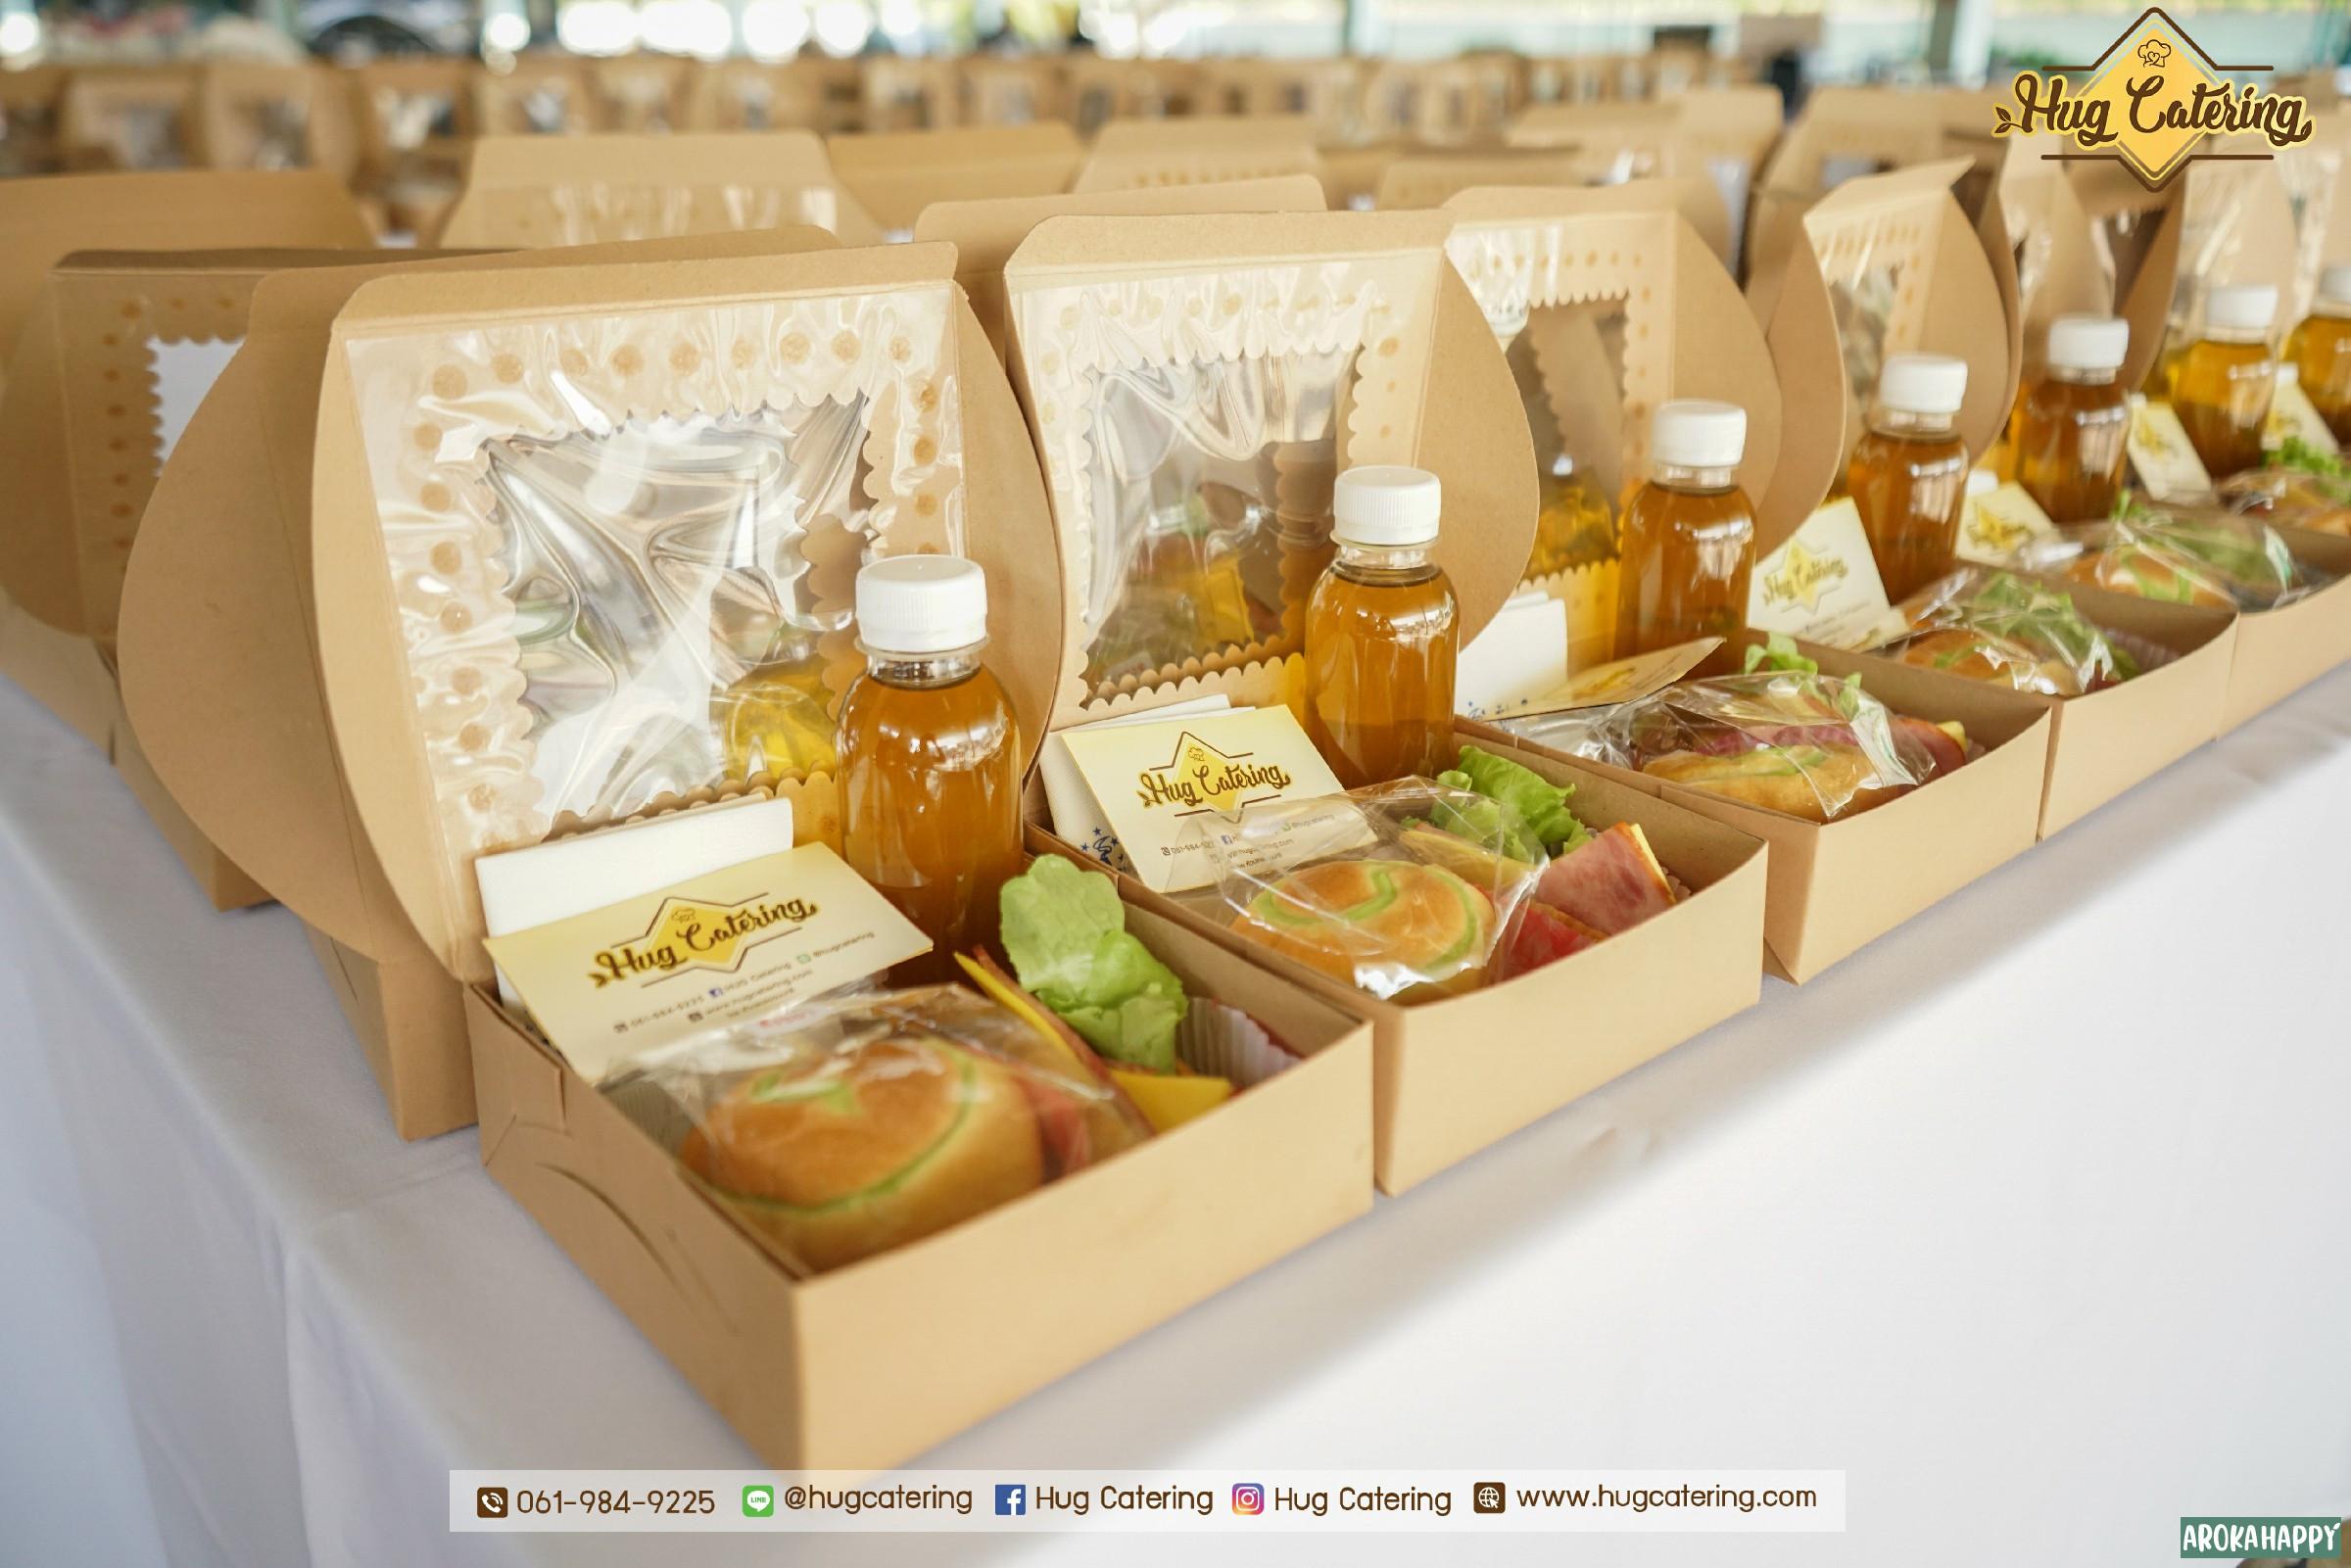 อาหารว่าง อาหารว่างไทย (Snack Box & Coffee Break) by Hug Catering